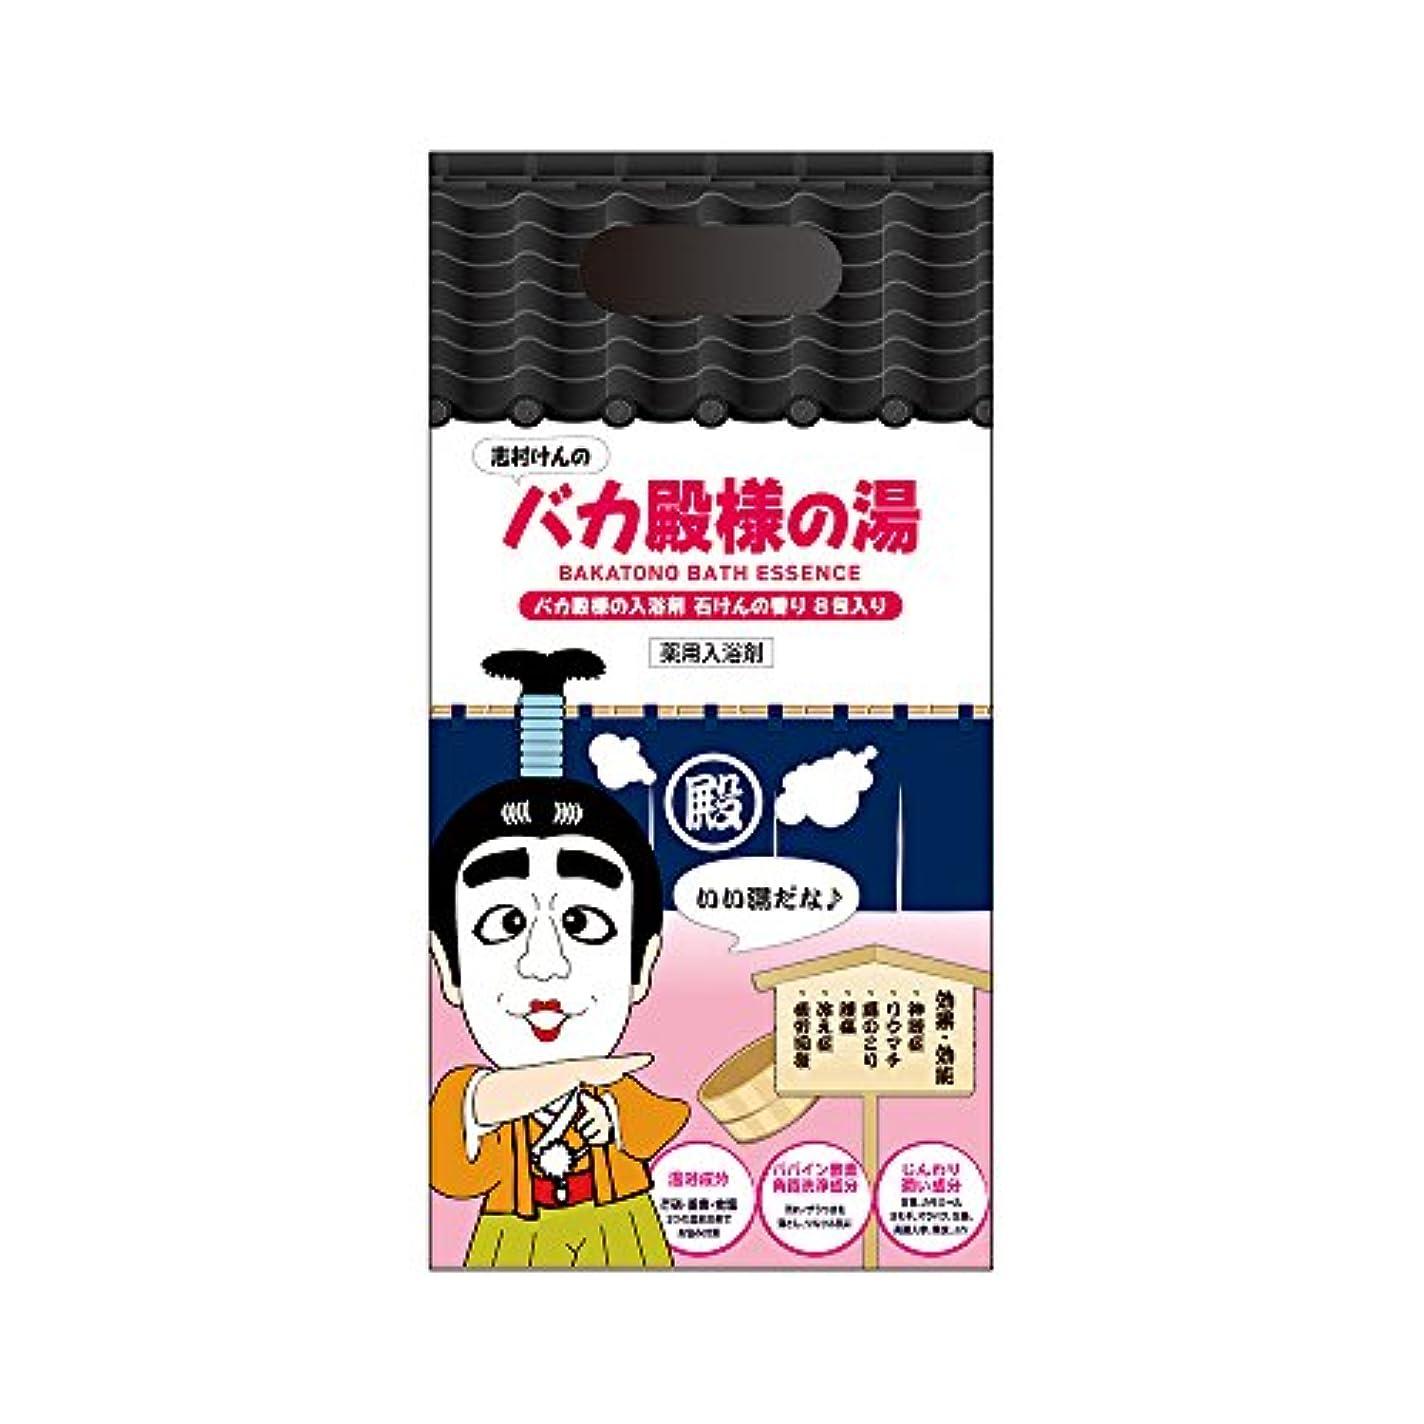 オレンジもし新鮮な志村けんのバカ殿様の湯 バカ殿様の入浴剤 石けんの香り (25g × 8包入り)